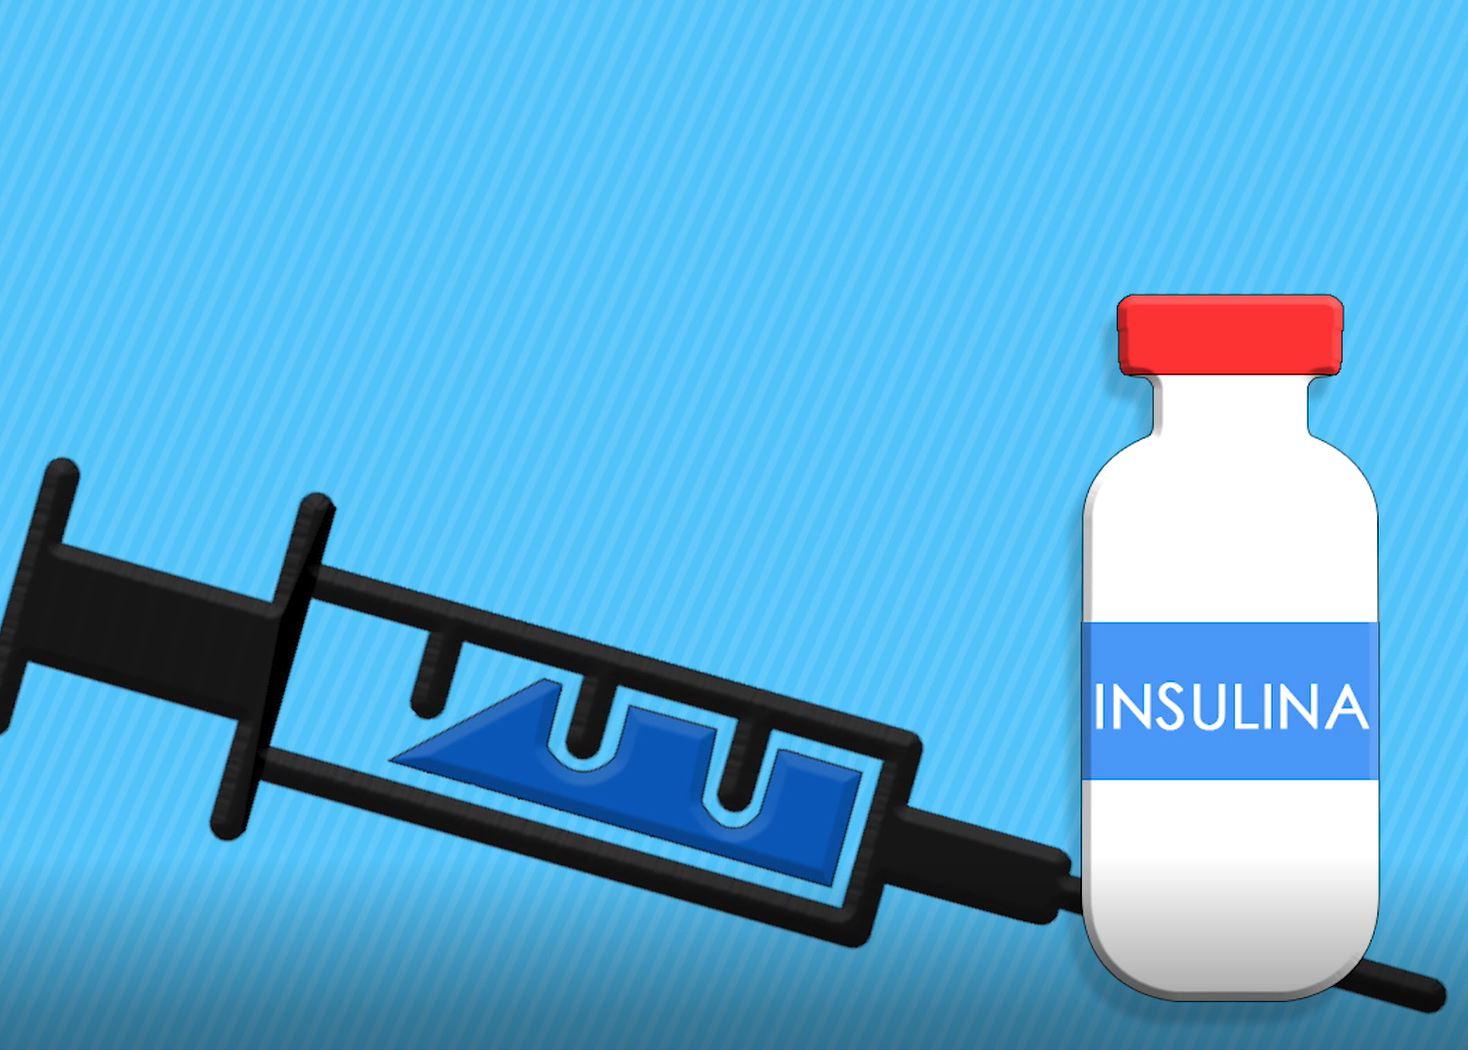 ¿Sabes cómo manejar tu insulina si no tienes electricidad?